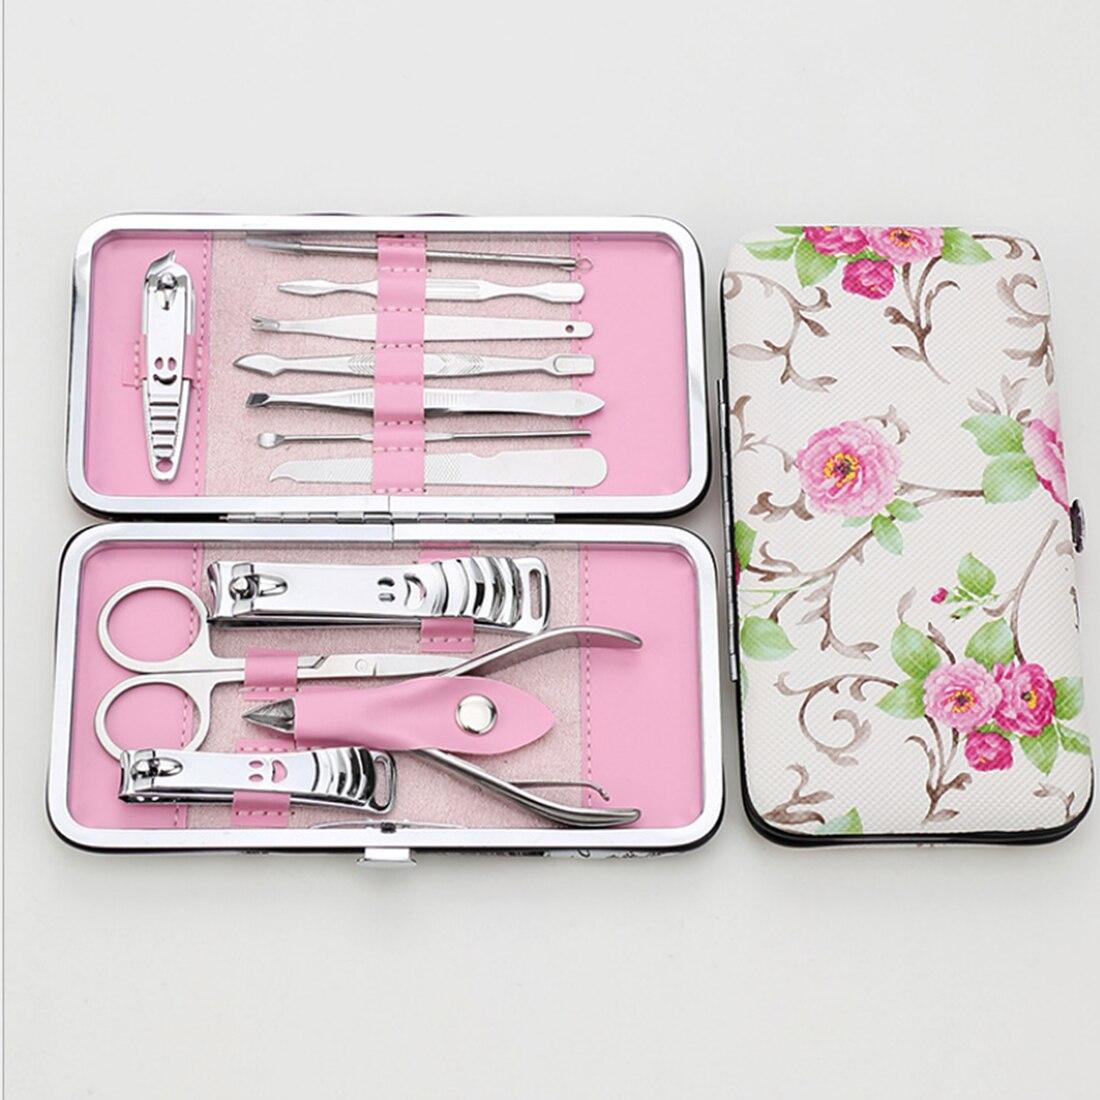 12 pz Manicure Set Pedicure Scissor + Cuticola Knife + Ear Pick + Nail Clipper Kit In Acciaio Inox Cura delle unghie Strumento set